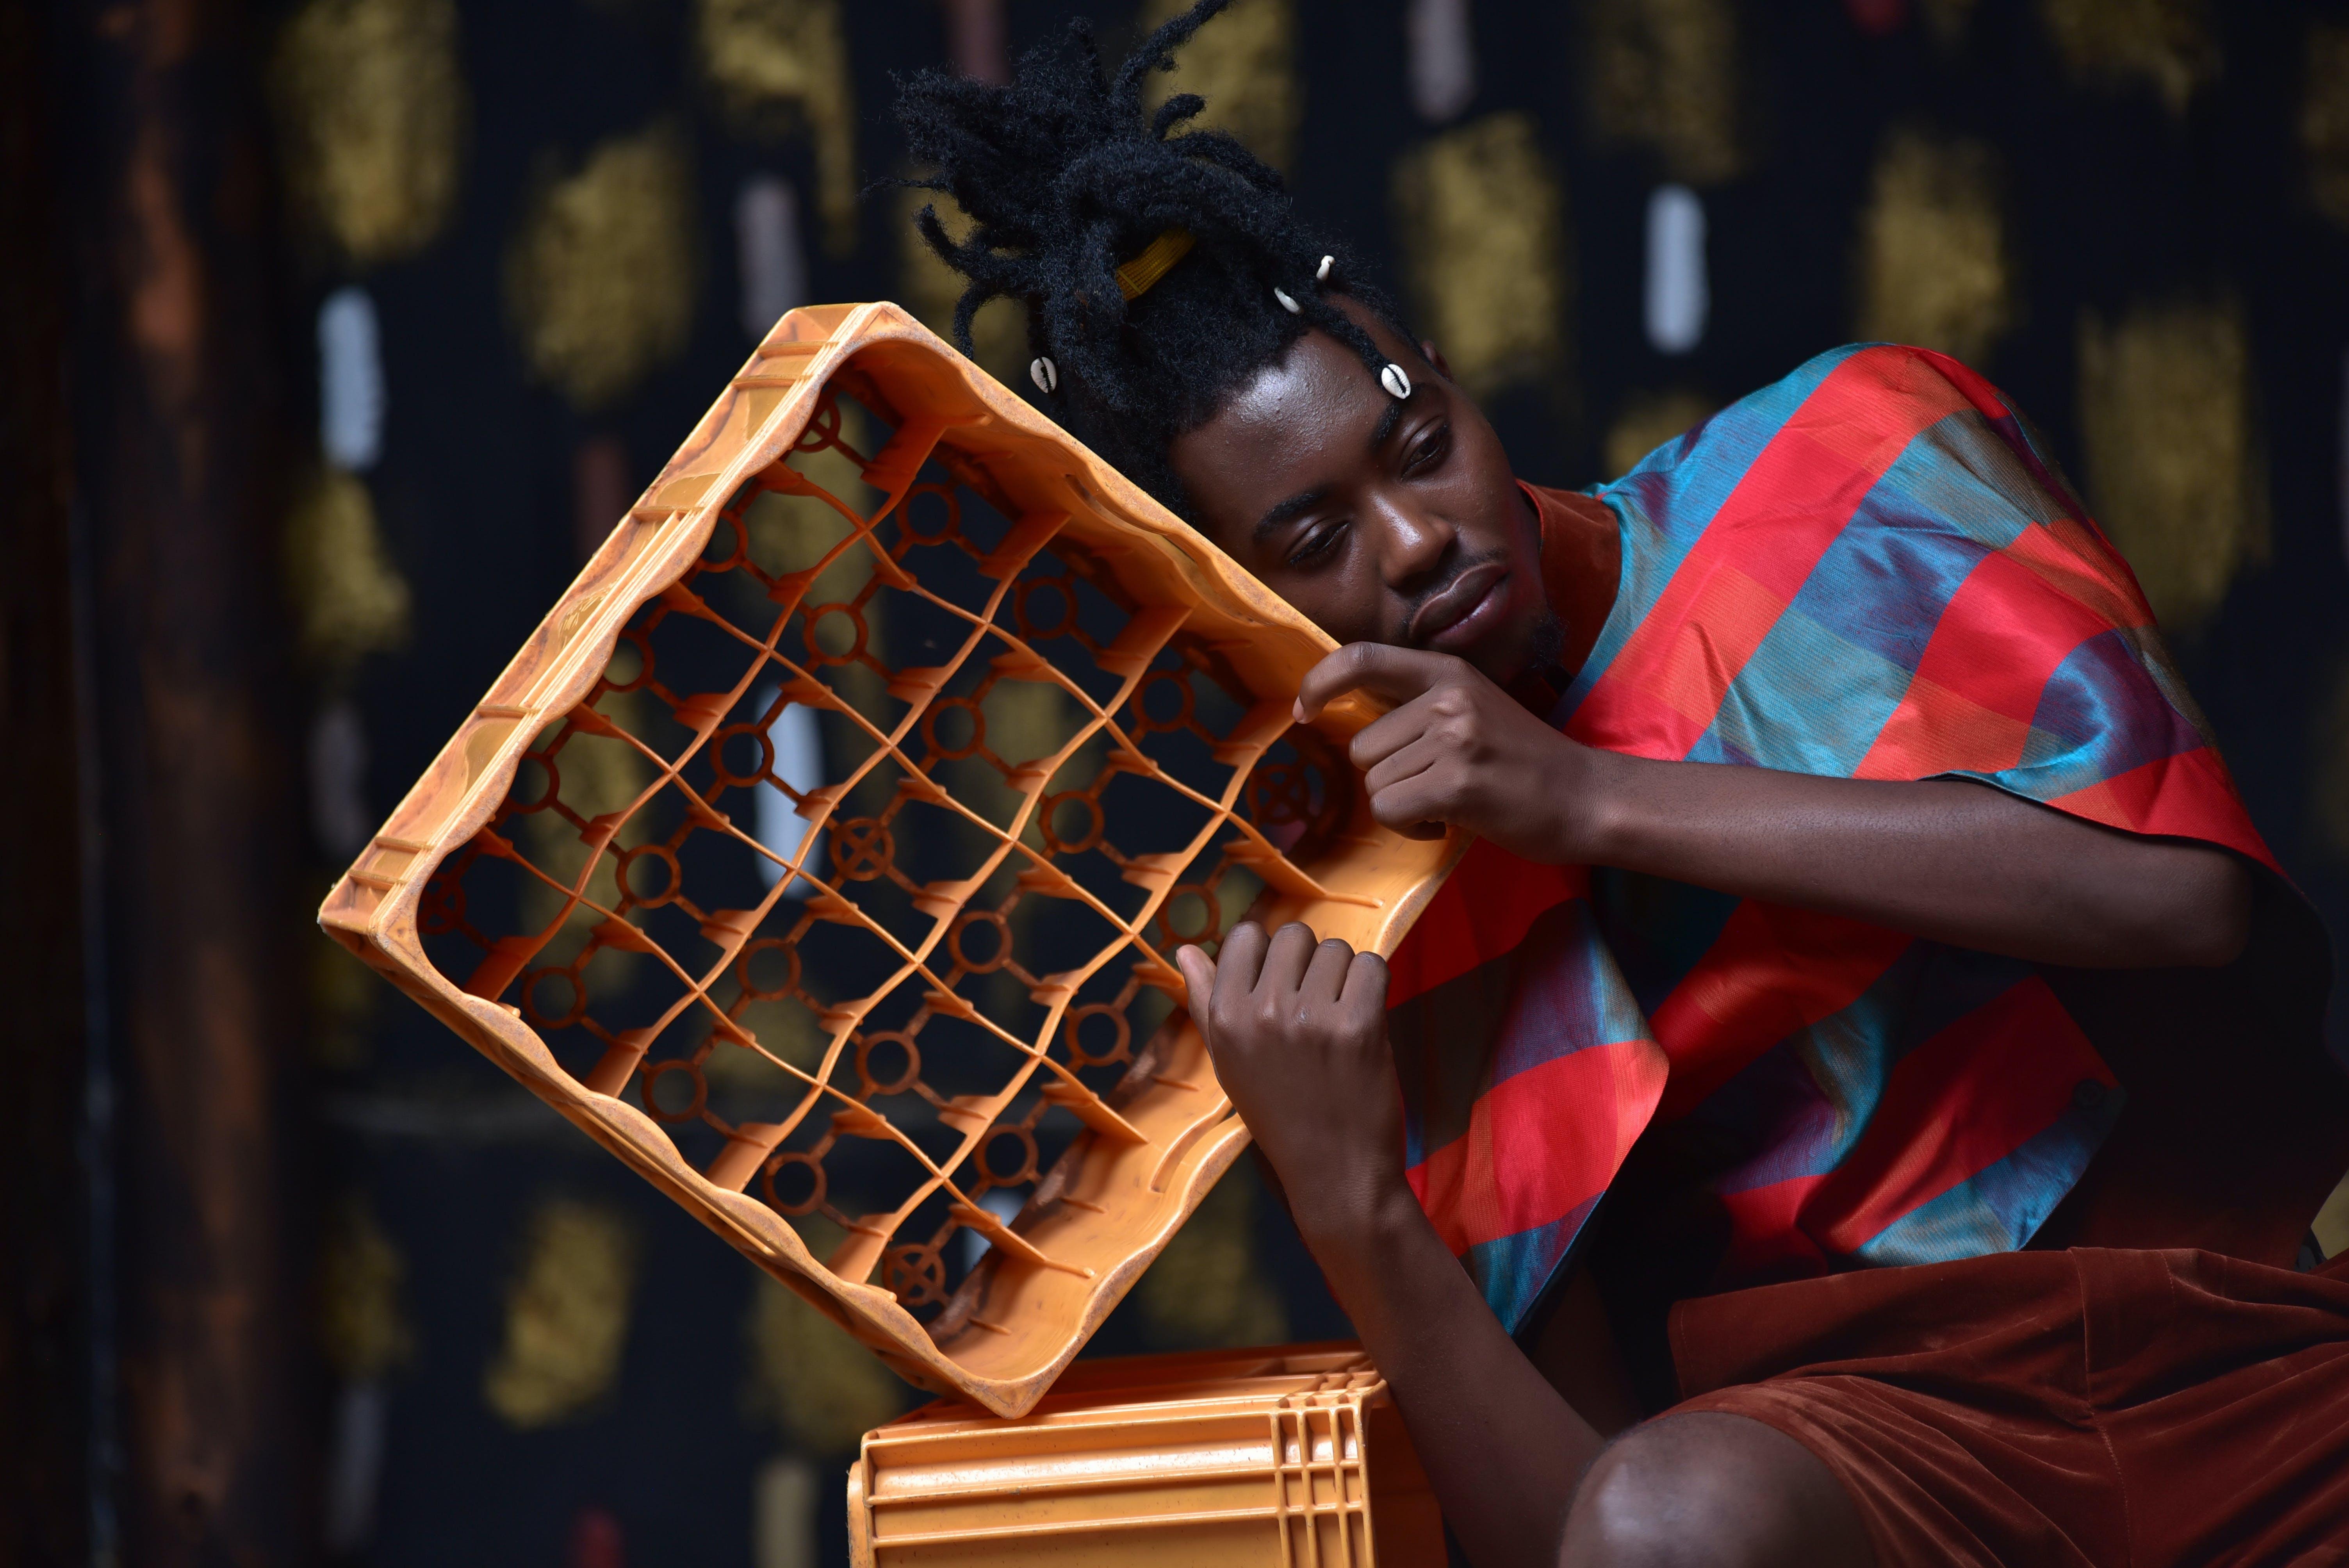 Δωρεάν στοκ φωτογραφιών με αγόρι, αγόρι από την Αφρική, άνδρας, άνθρωπος